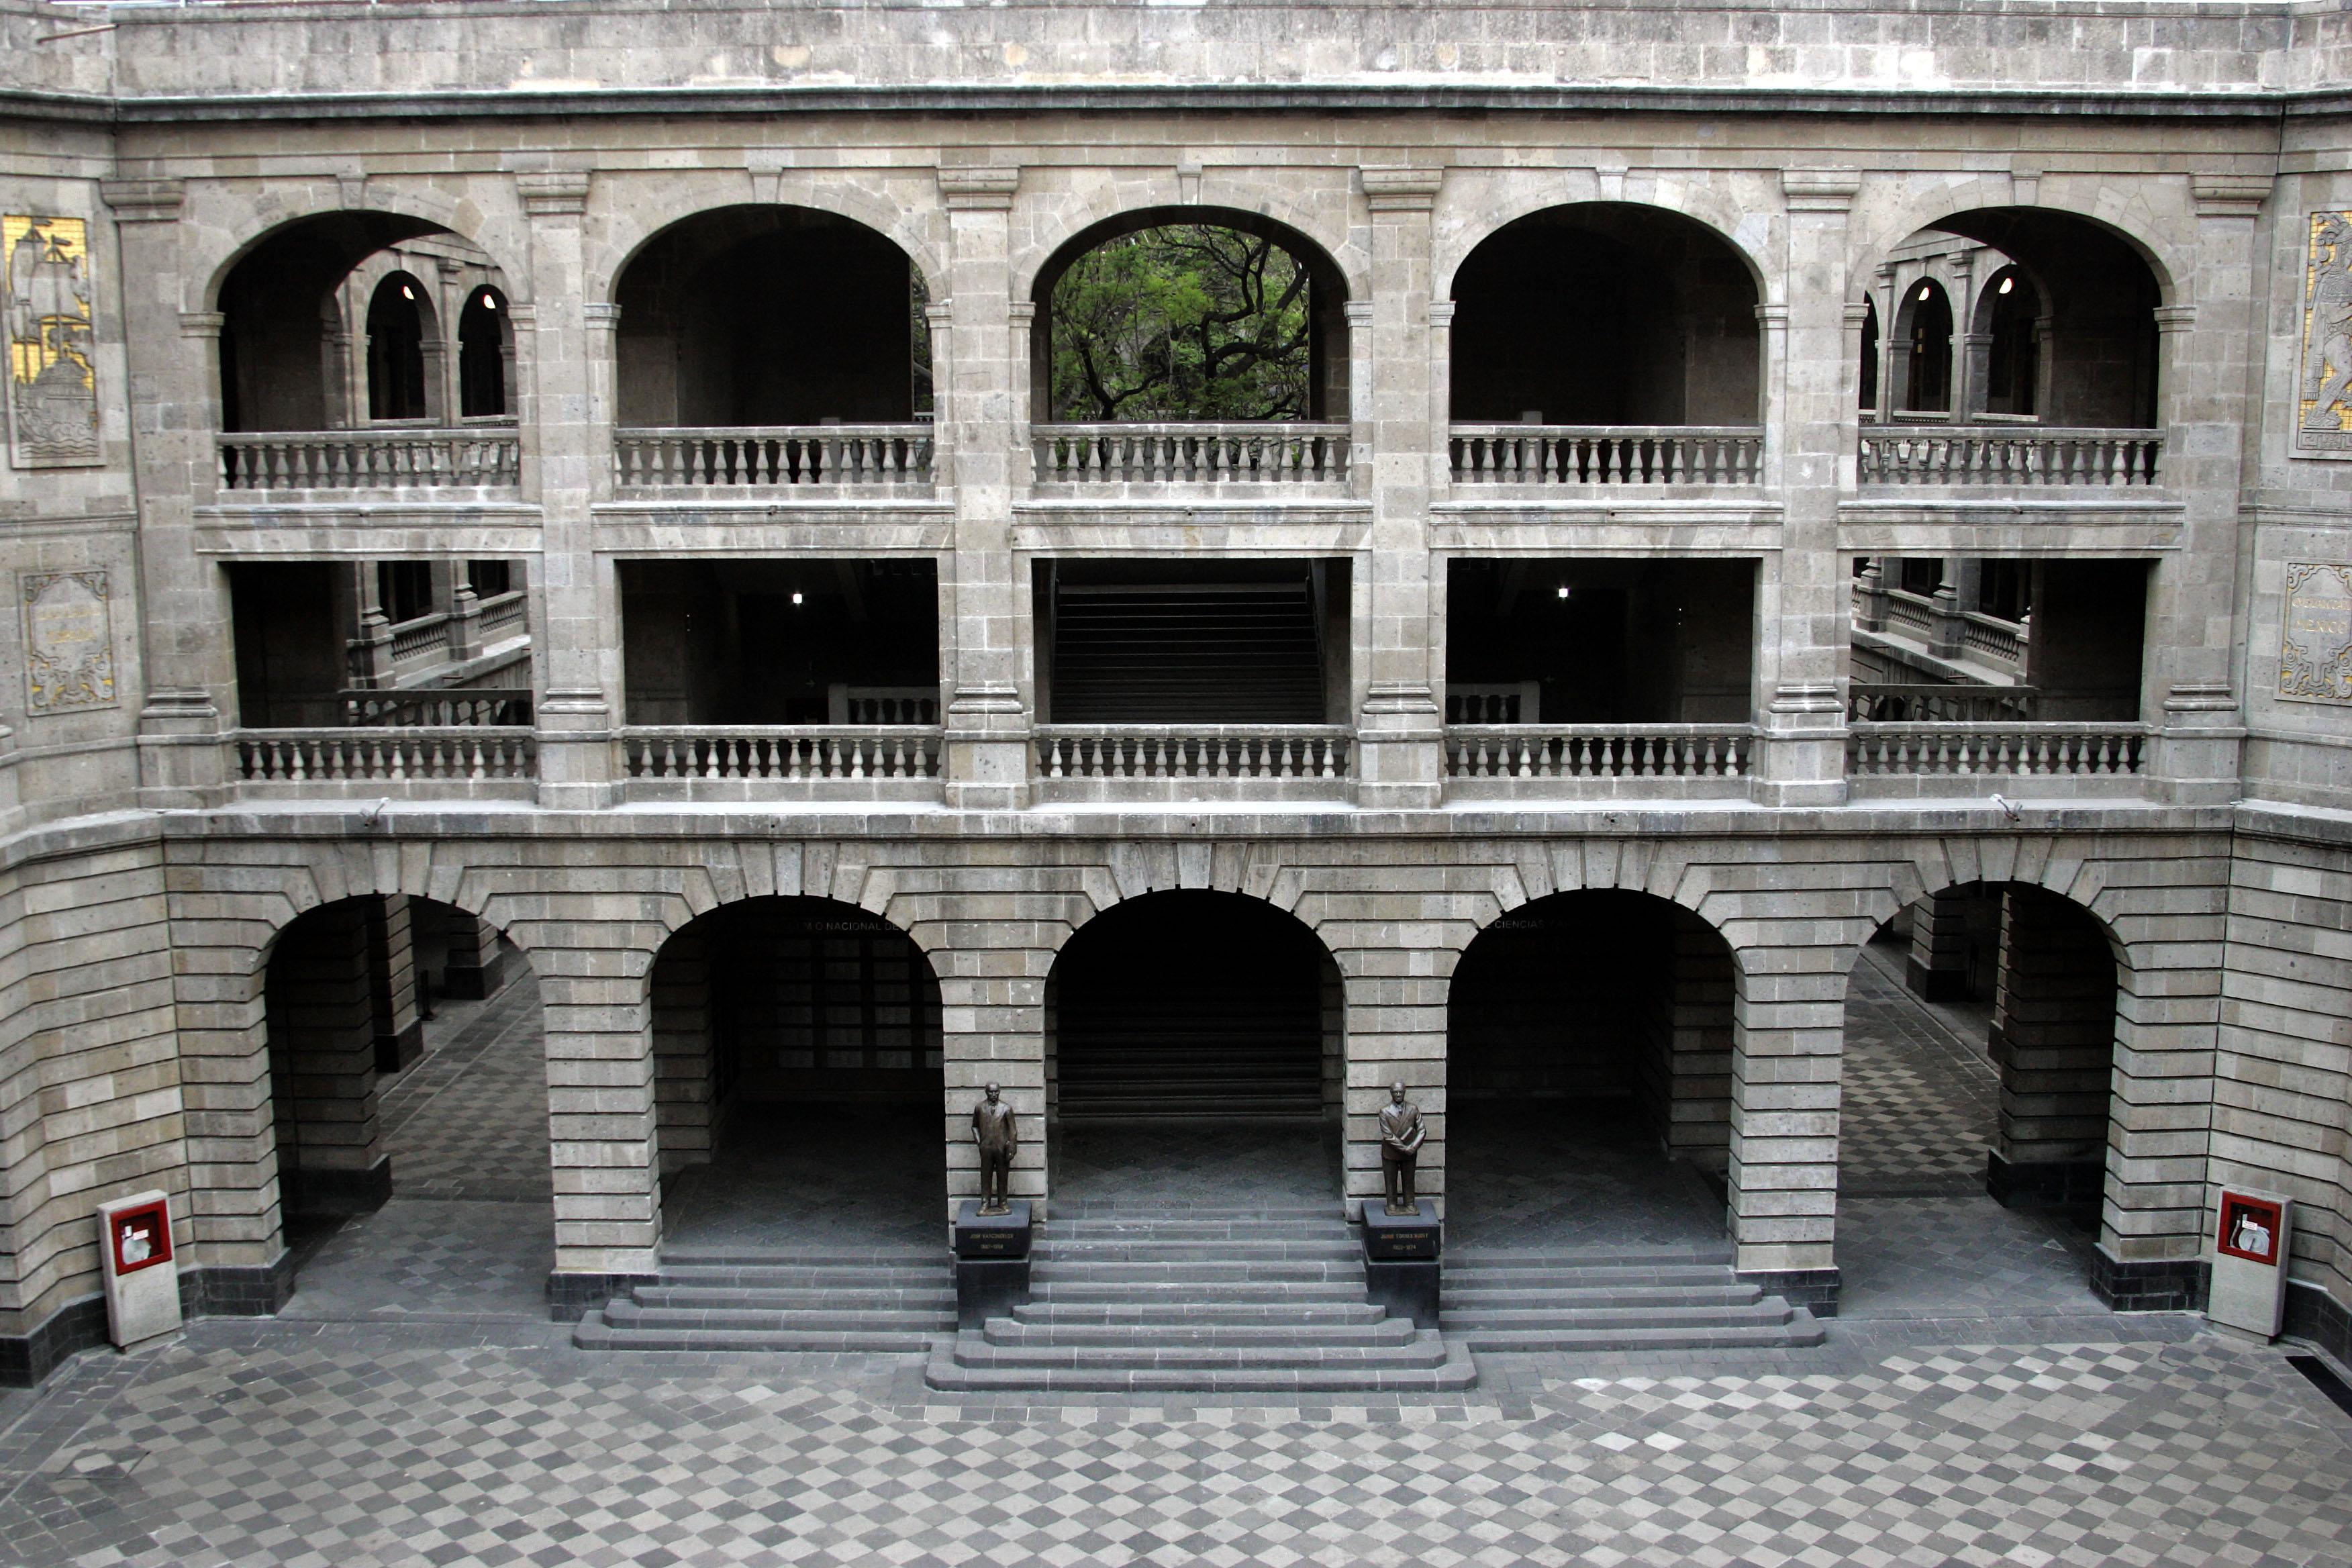 El 19 de enero se publicará la Convocatoria para el Concurso de Ingreso a Bachillerato de la Zona Metropolitana de la Ciudad de México.